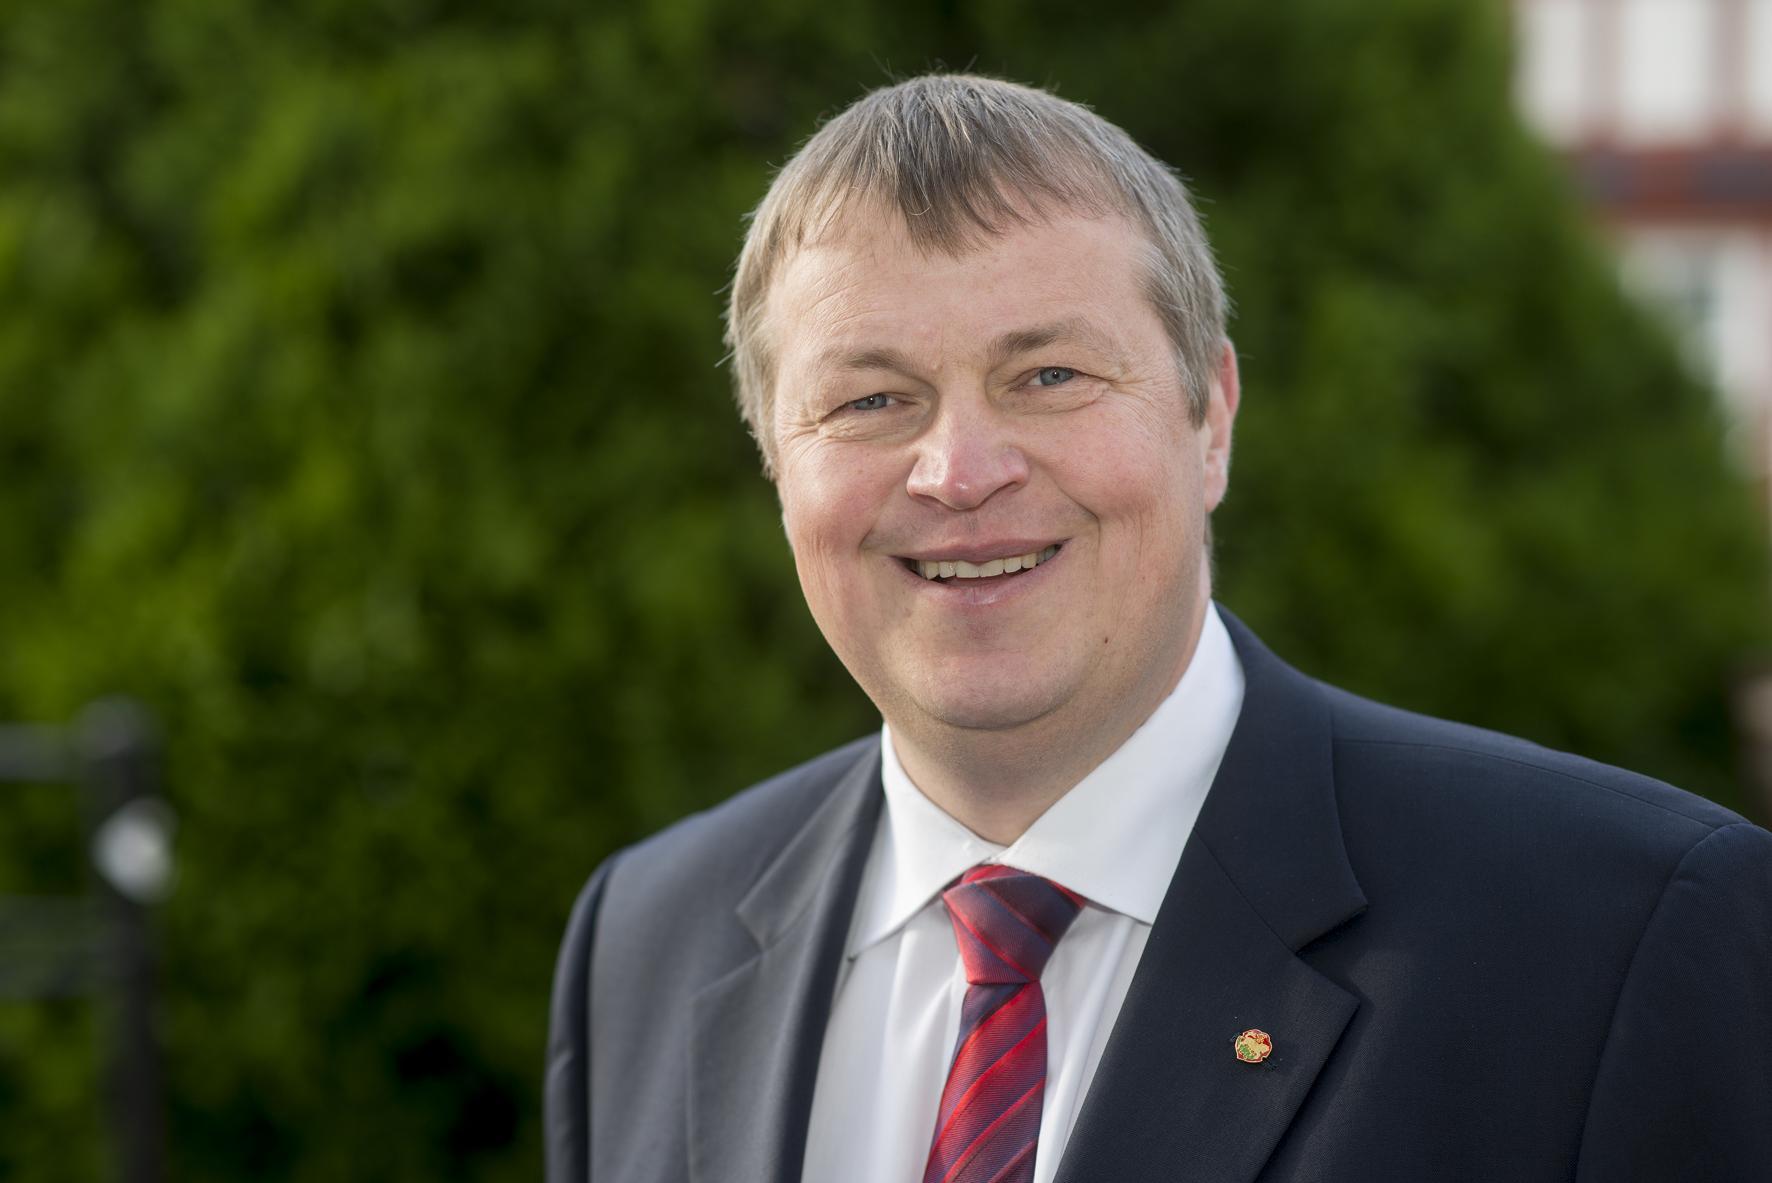 Bürgermeister Rolf Richter, Foto: Thomas Neu